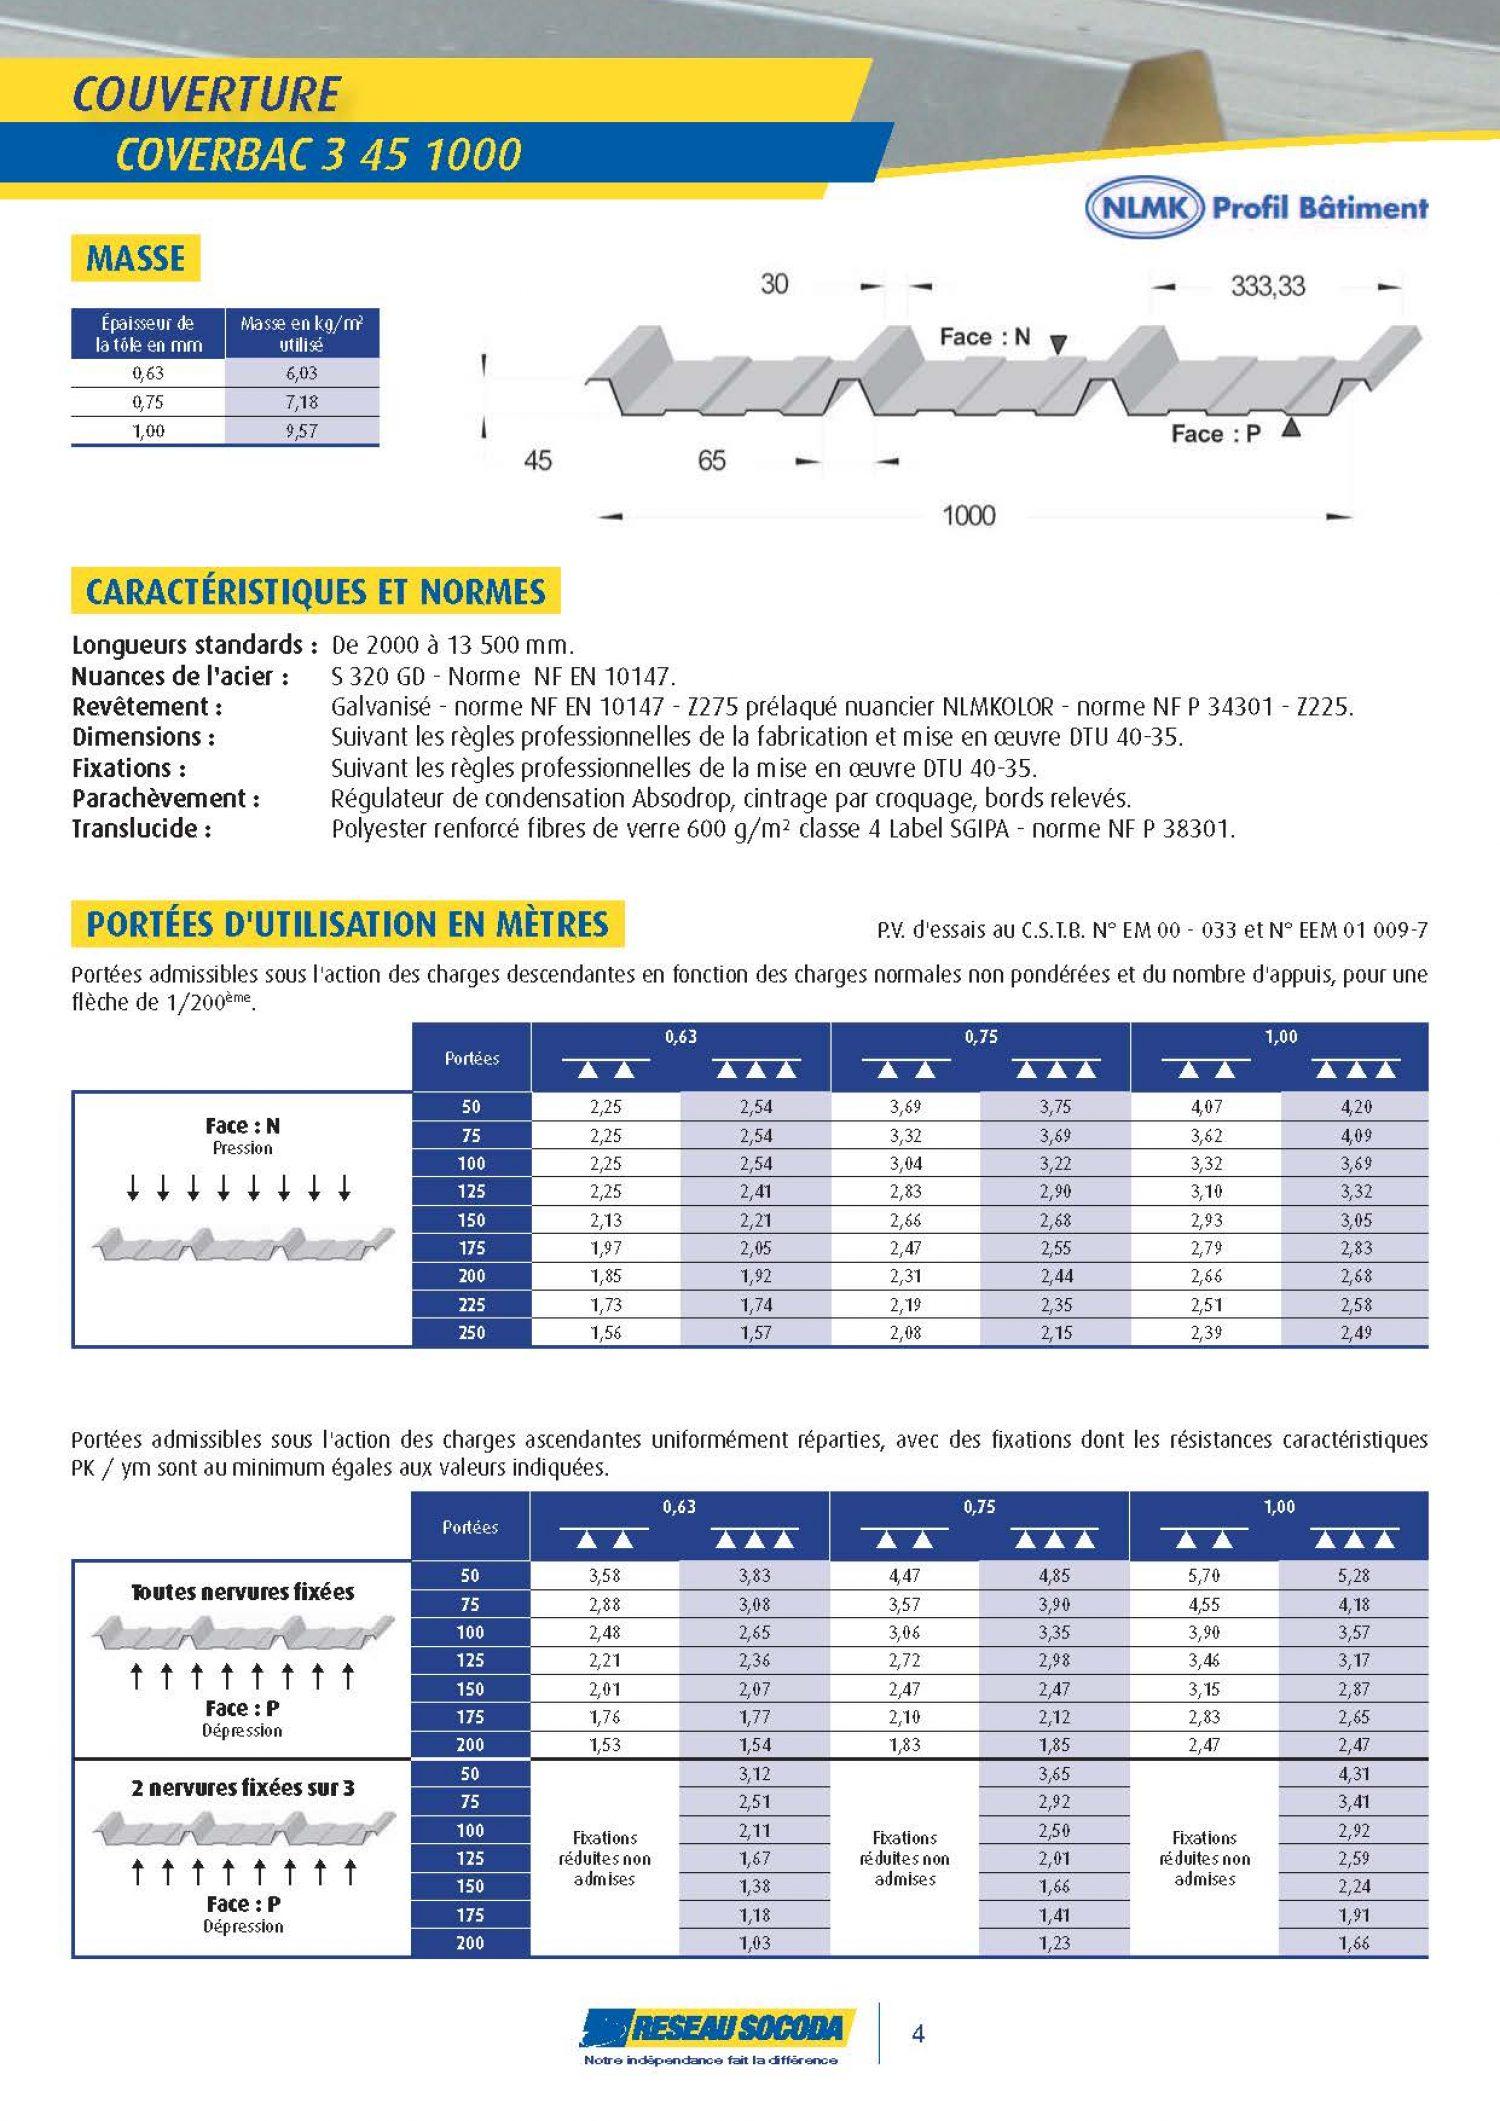 GERMOND_2014 PROFIL BATIMENT_20140324-184231_Page_04